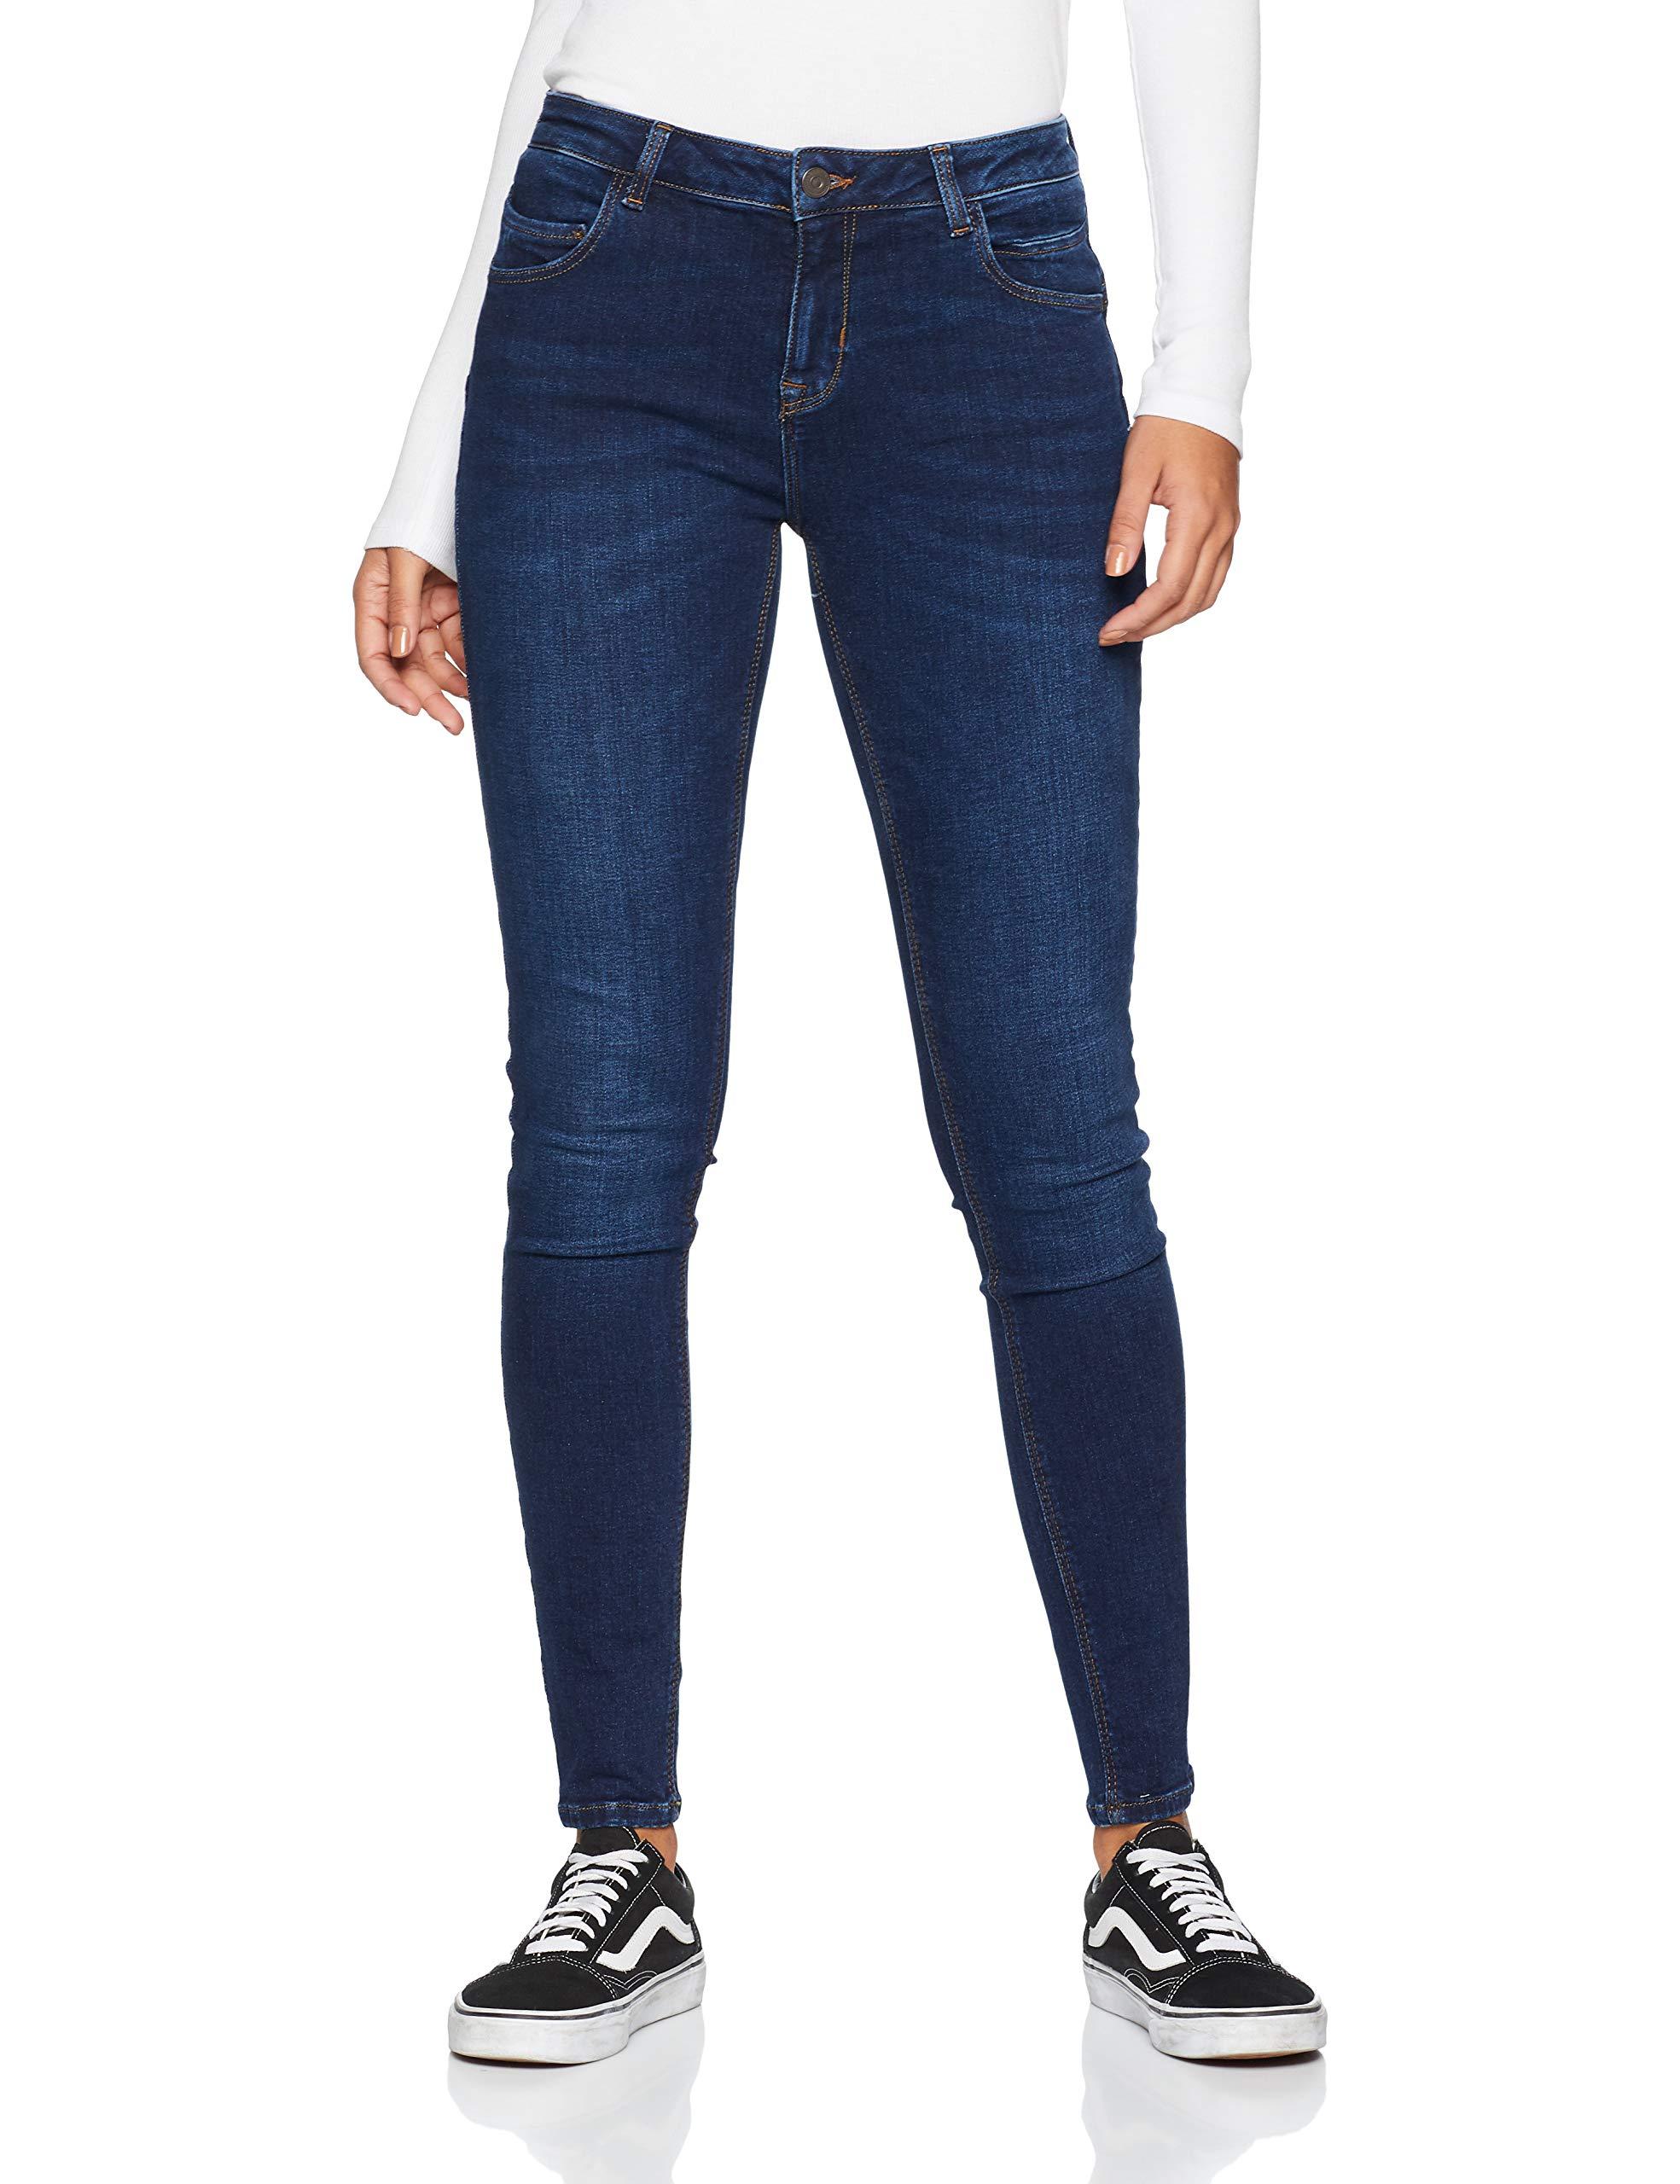 32Femme Page SkinnyBleudark Fabricant26 l32taille Jean Blue 007W26 Cross Jeans wPkOiuTXZ